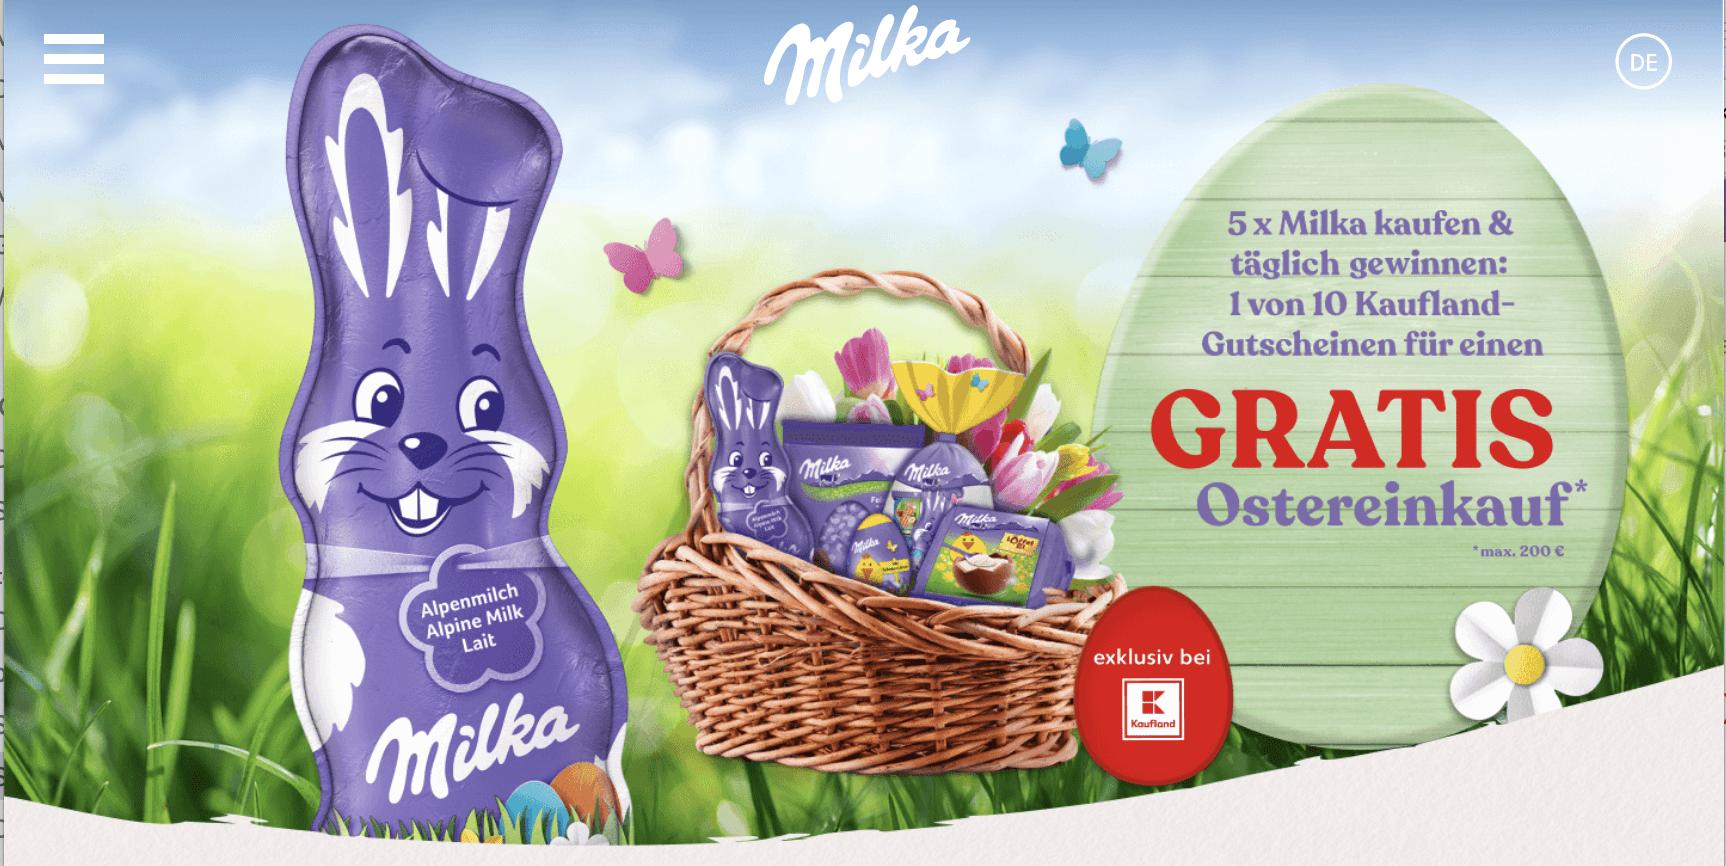 Milka bei Kaufland Einkaufsgutschein gewinnen